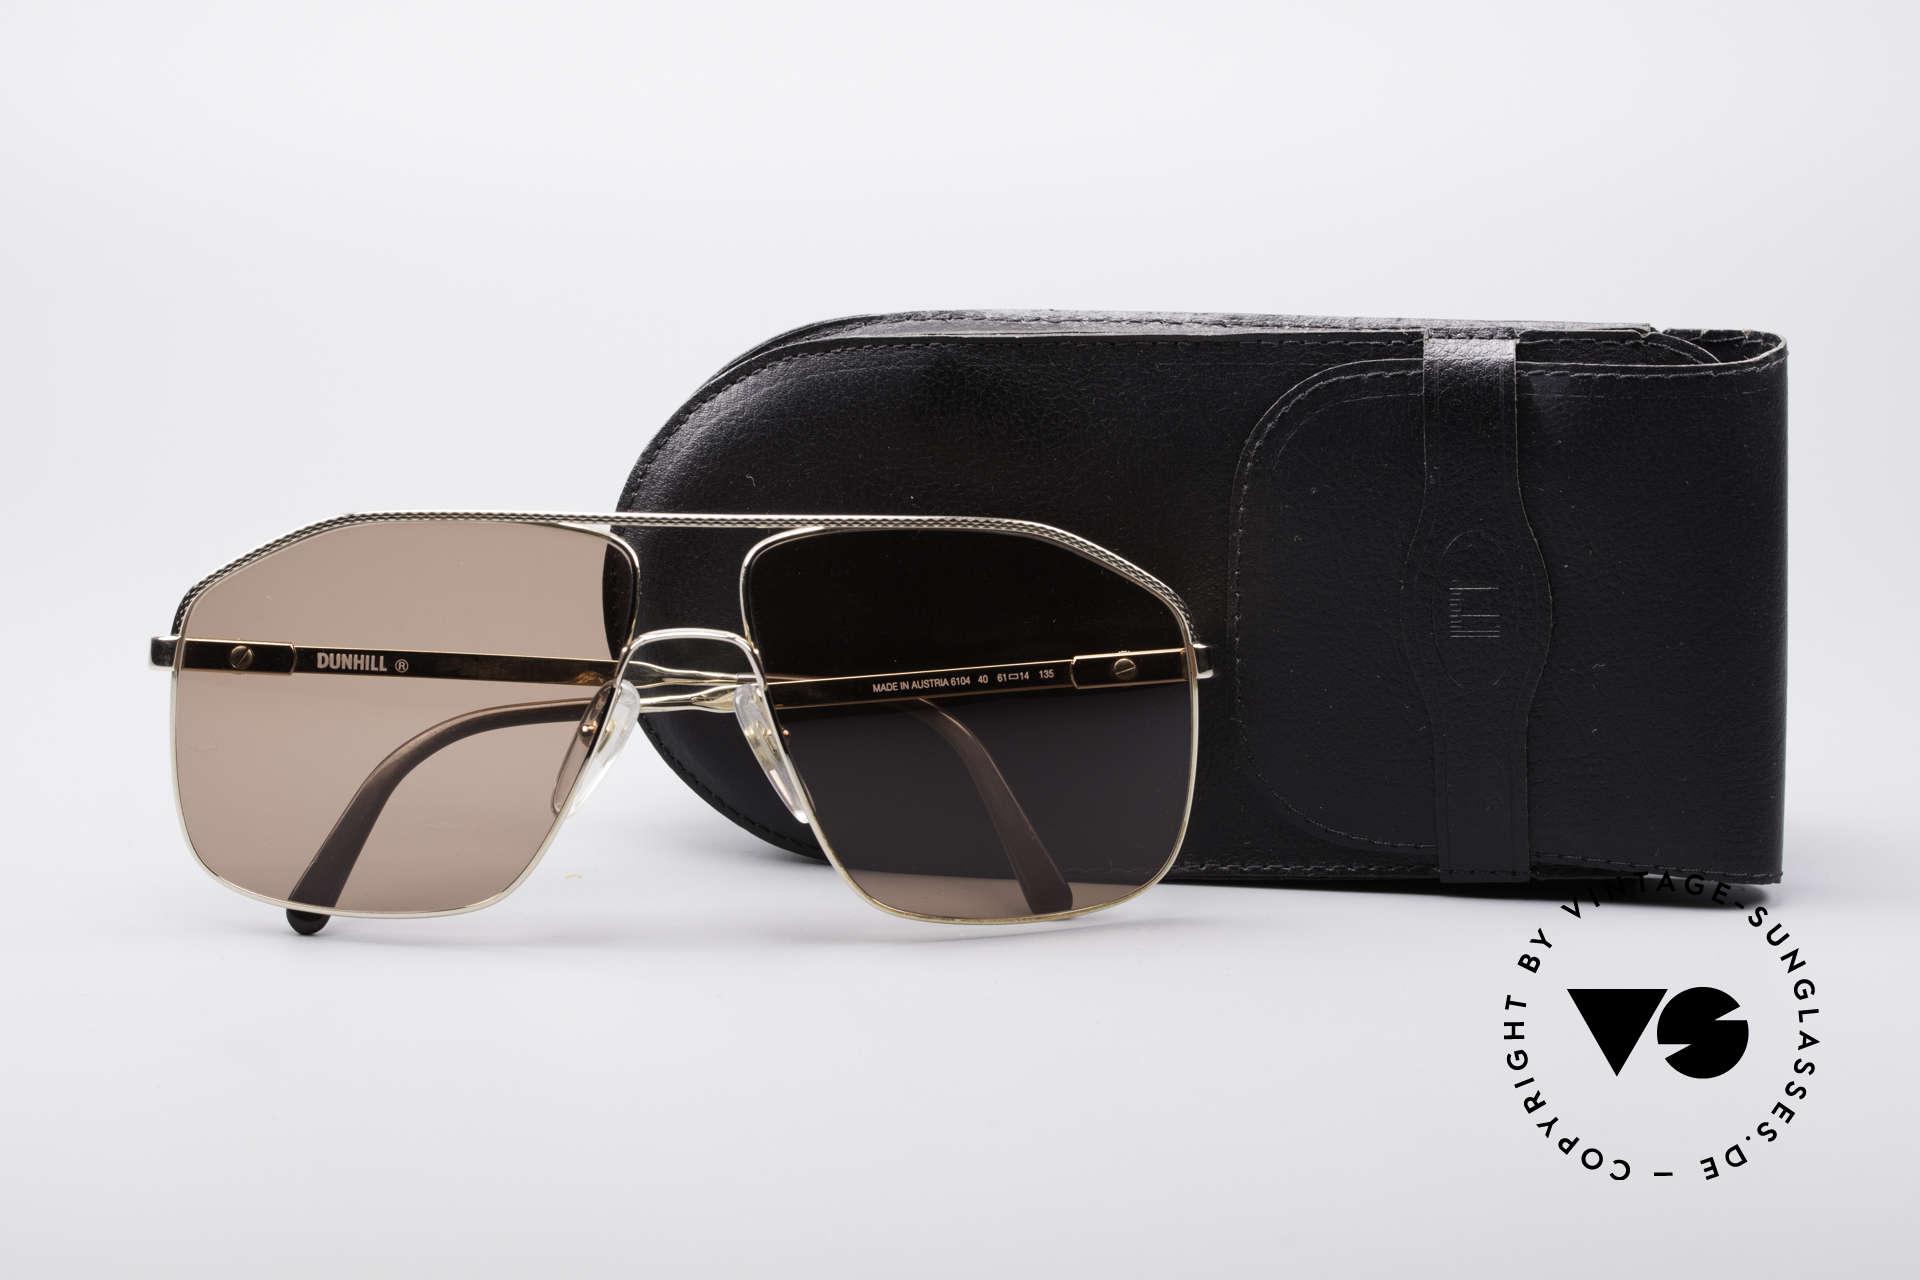 Dunhill 6104 Vergoldete Vintage Brille 90er, Größe: large, Passend für Herren